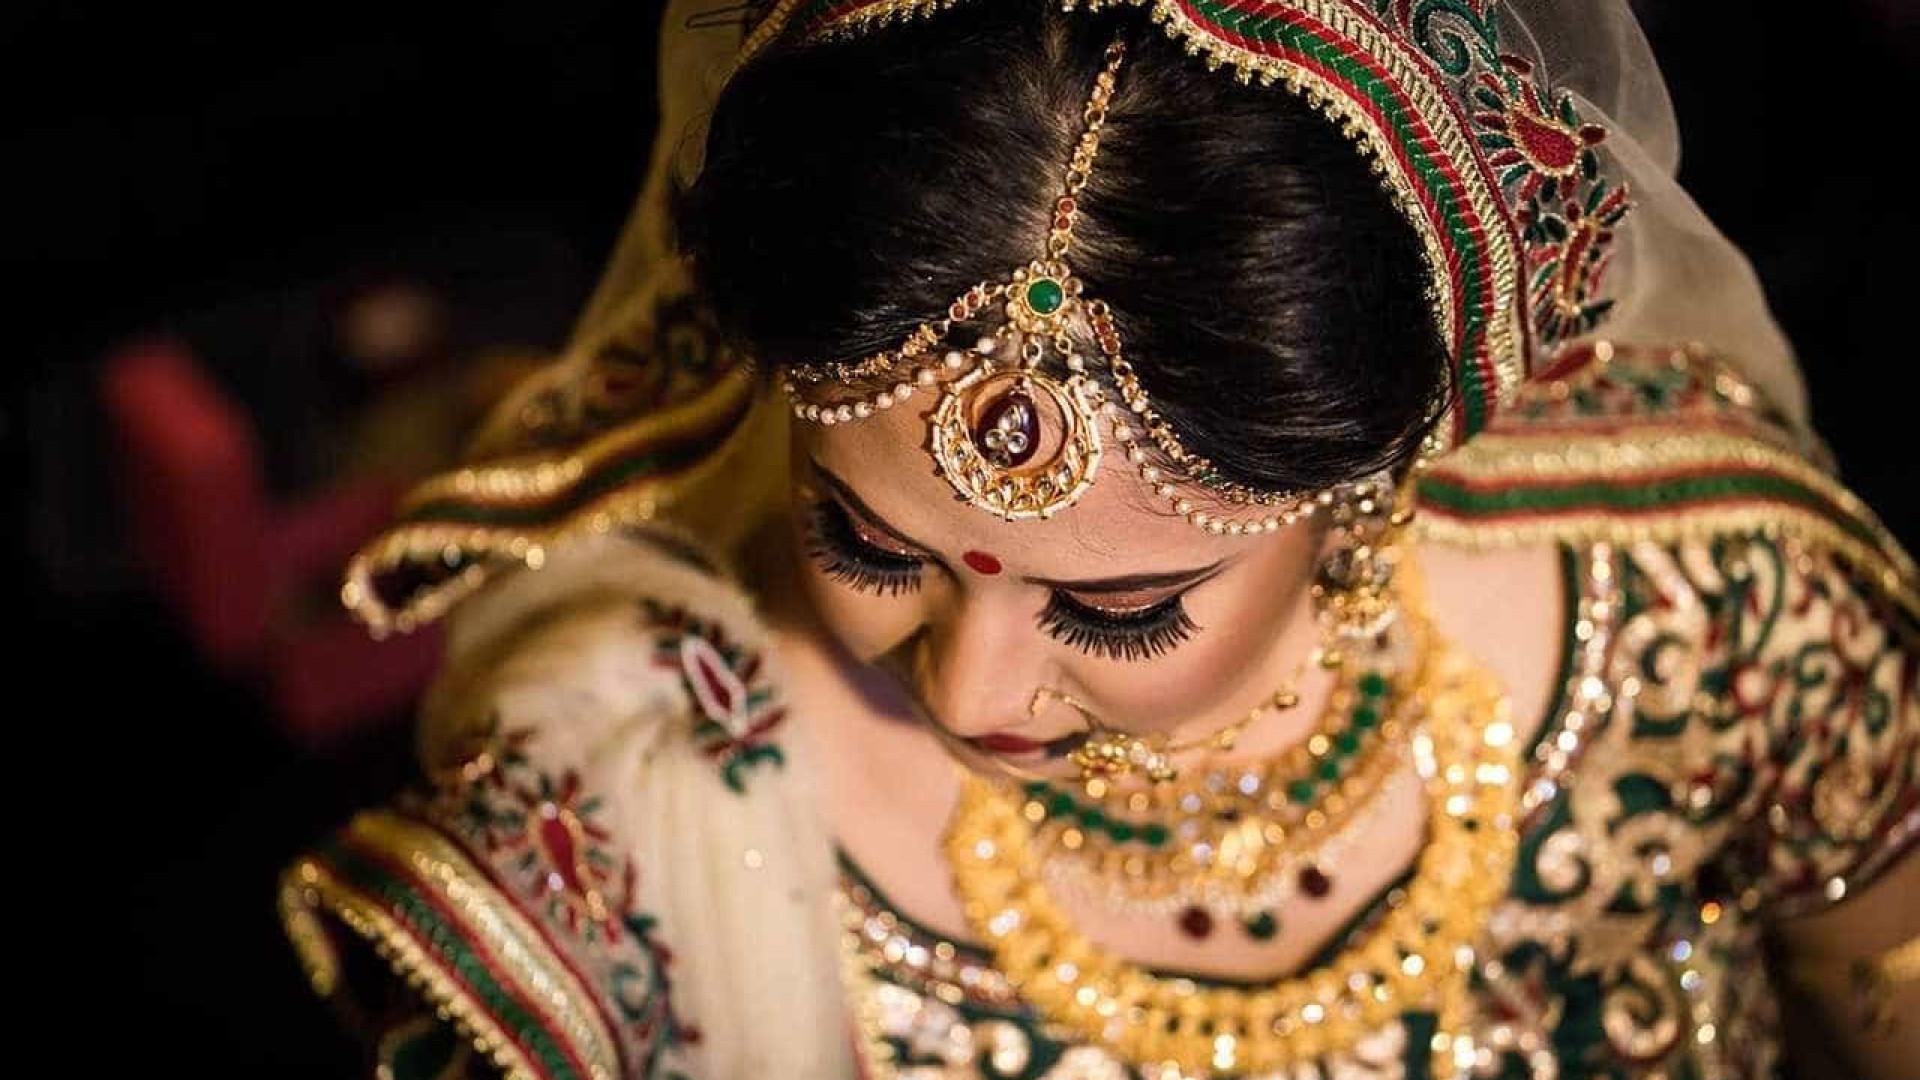 Sexo com esposa menor de idade passa a ser estupro na Índia